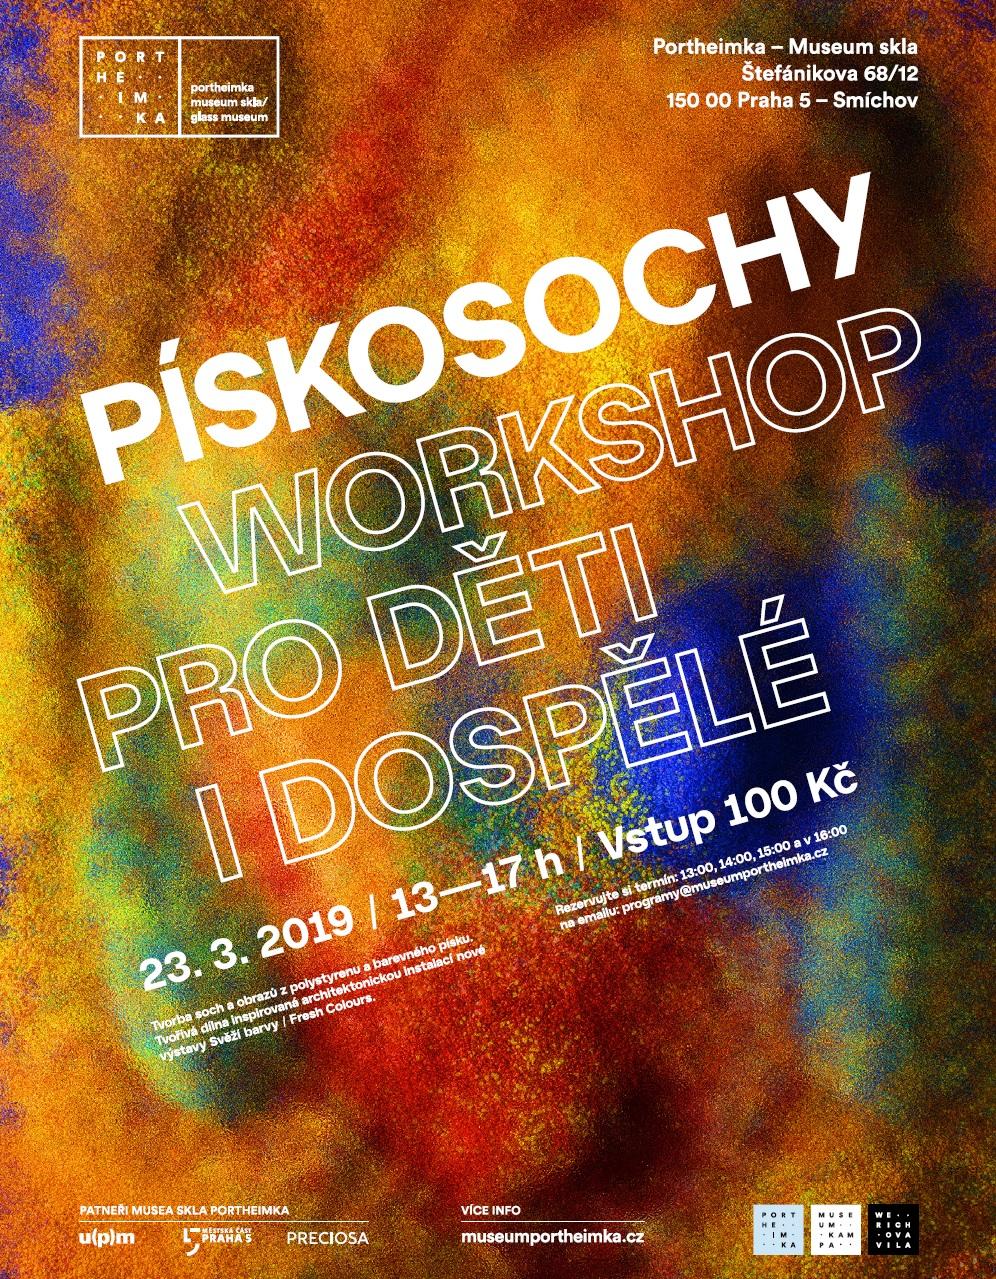 piskosochy-workshop-pro-deti-i-dospele